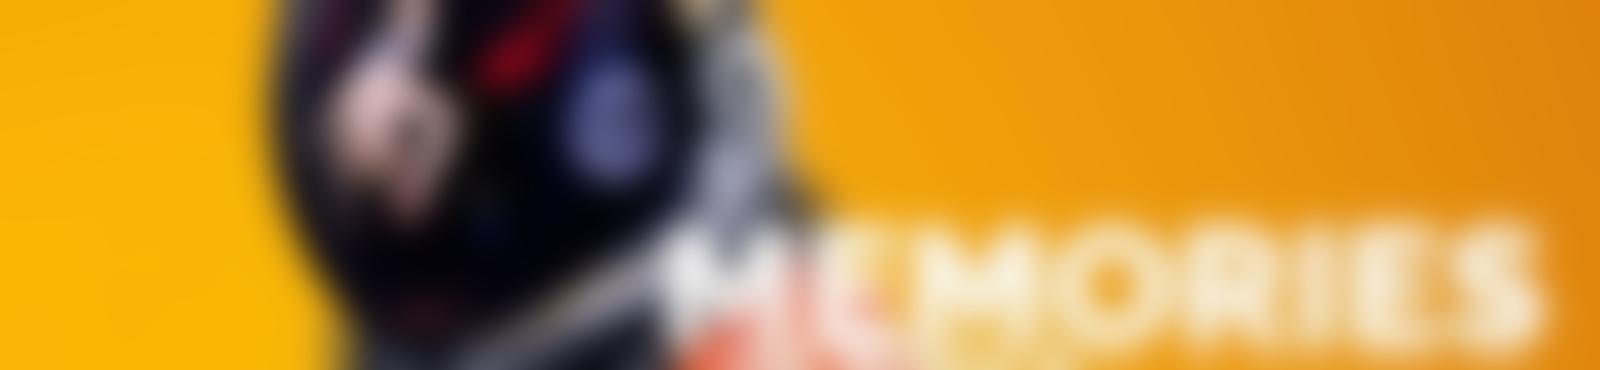 Blurred 5b80ccce 4a68 449d 9ef2 222614a2f7ad